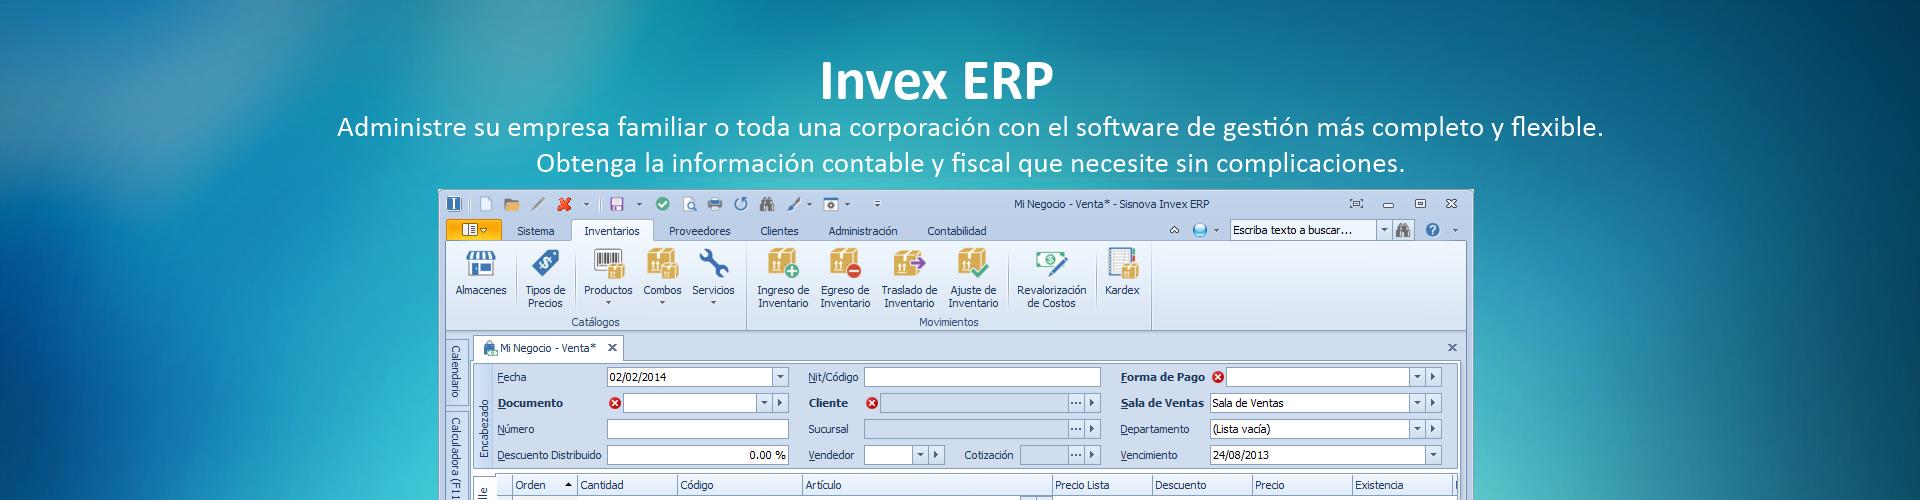 Invex ERP